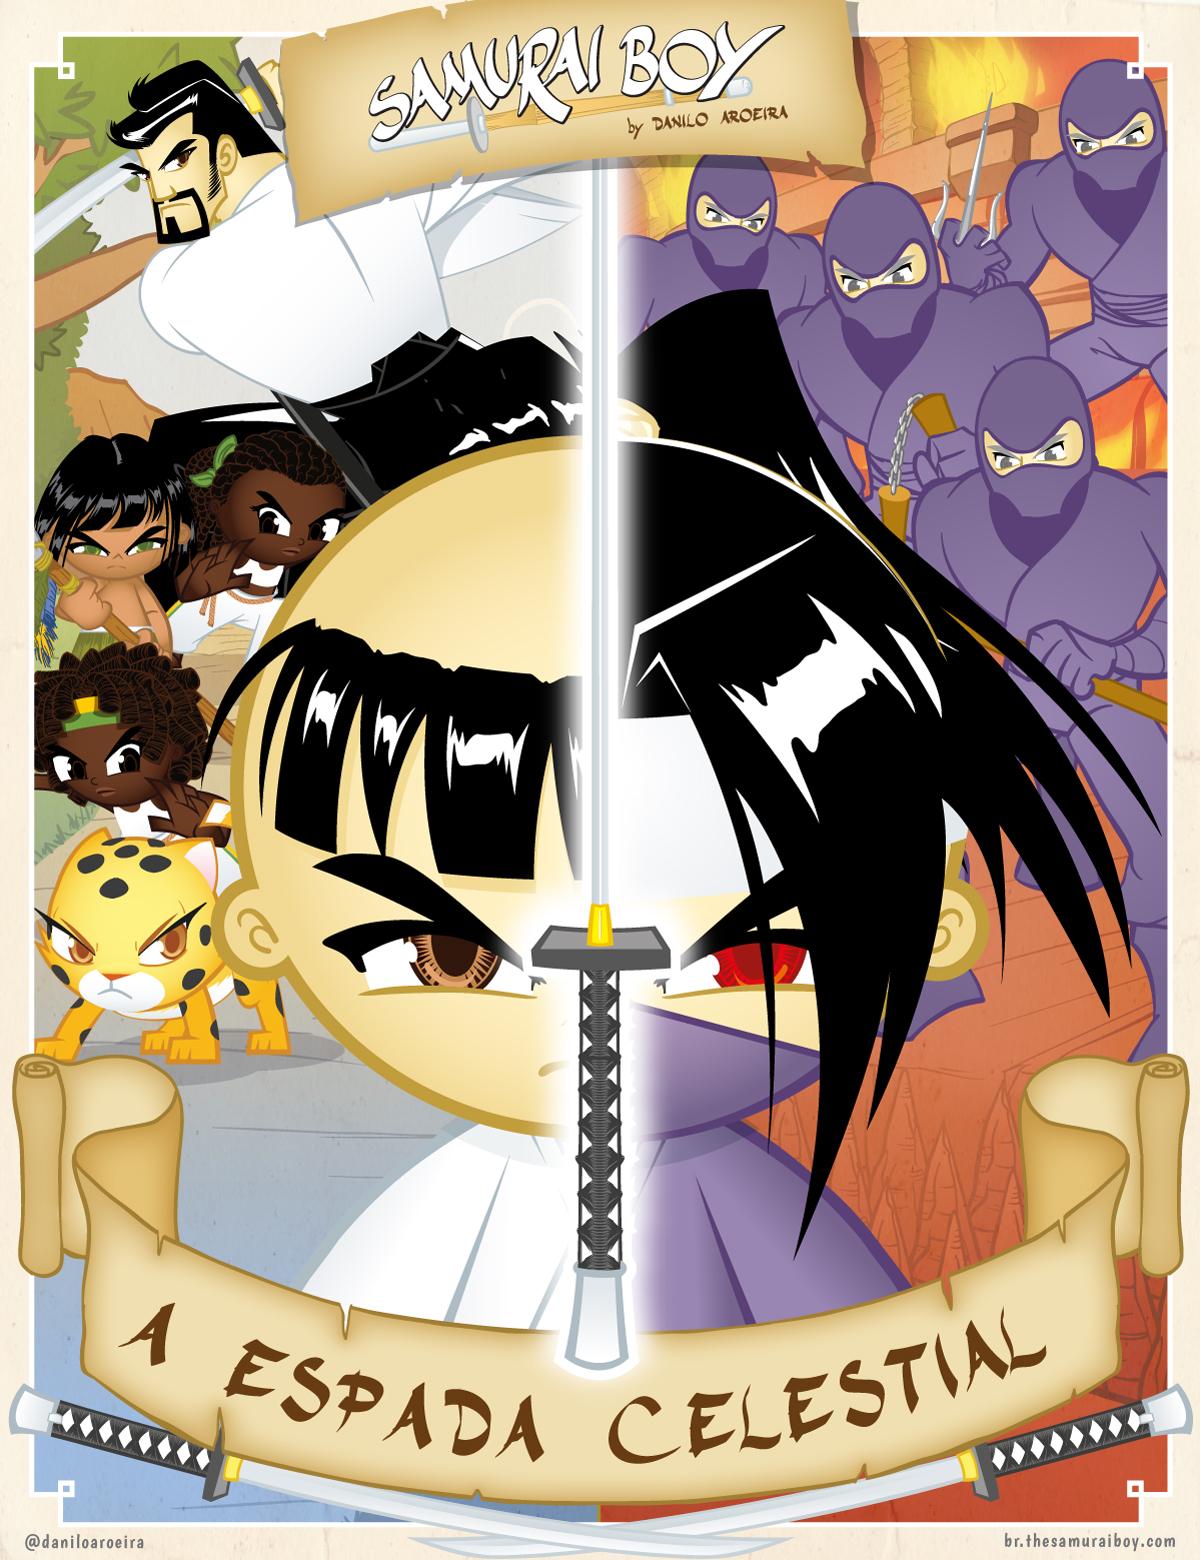 A Espada Celestial